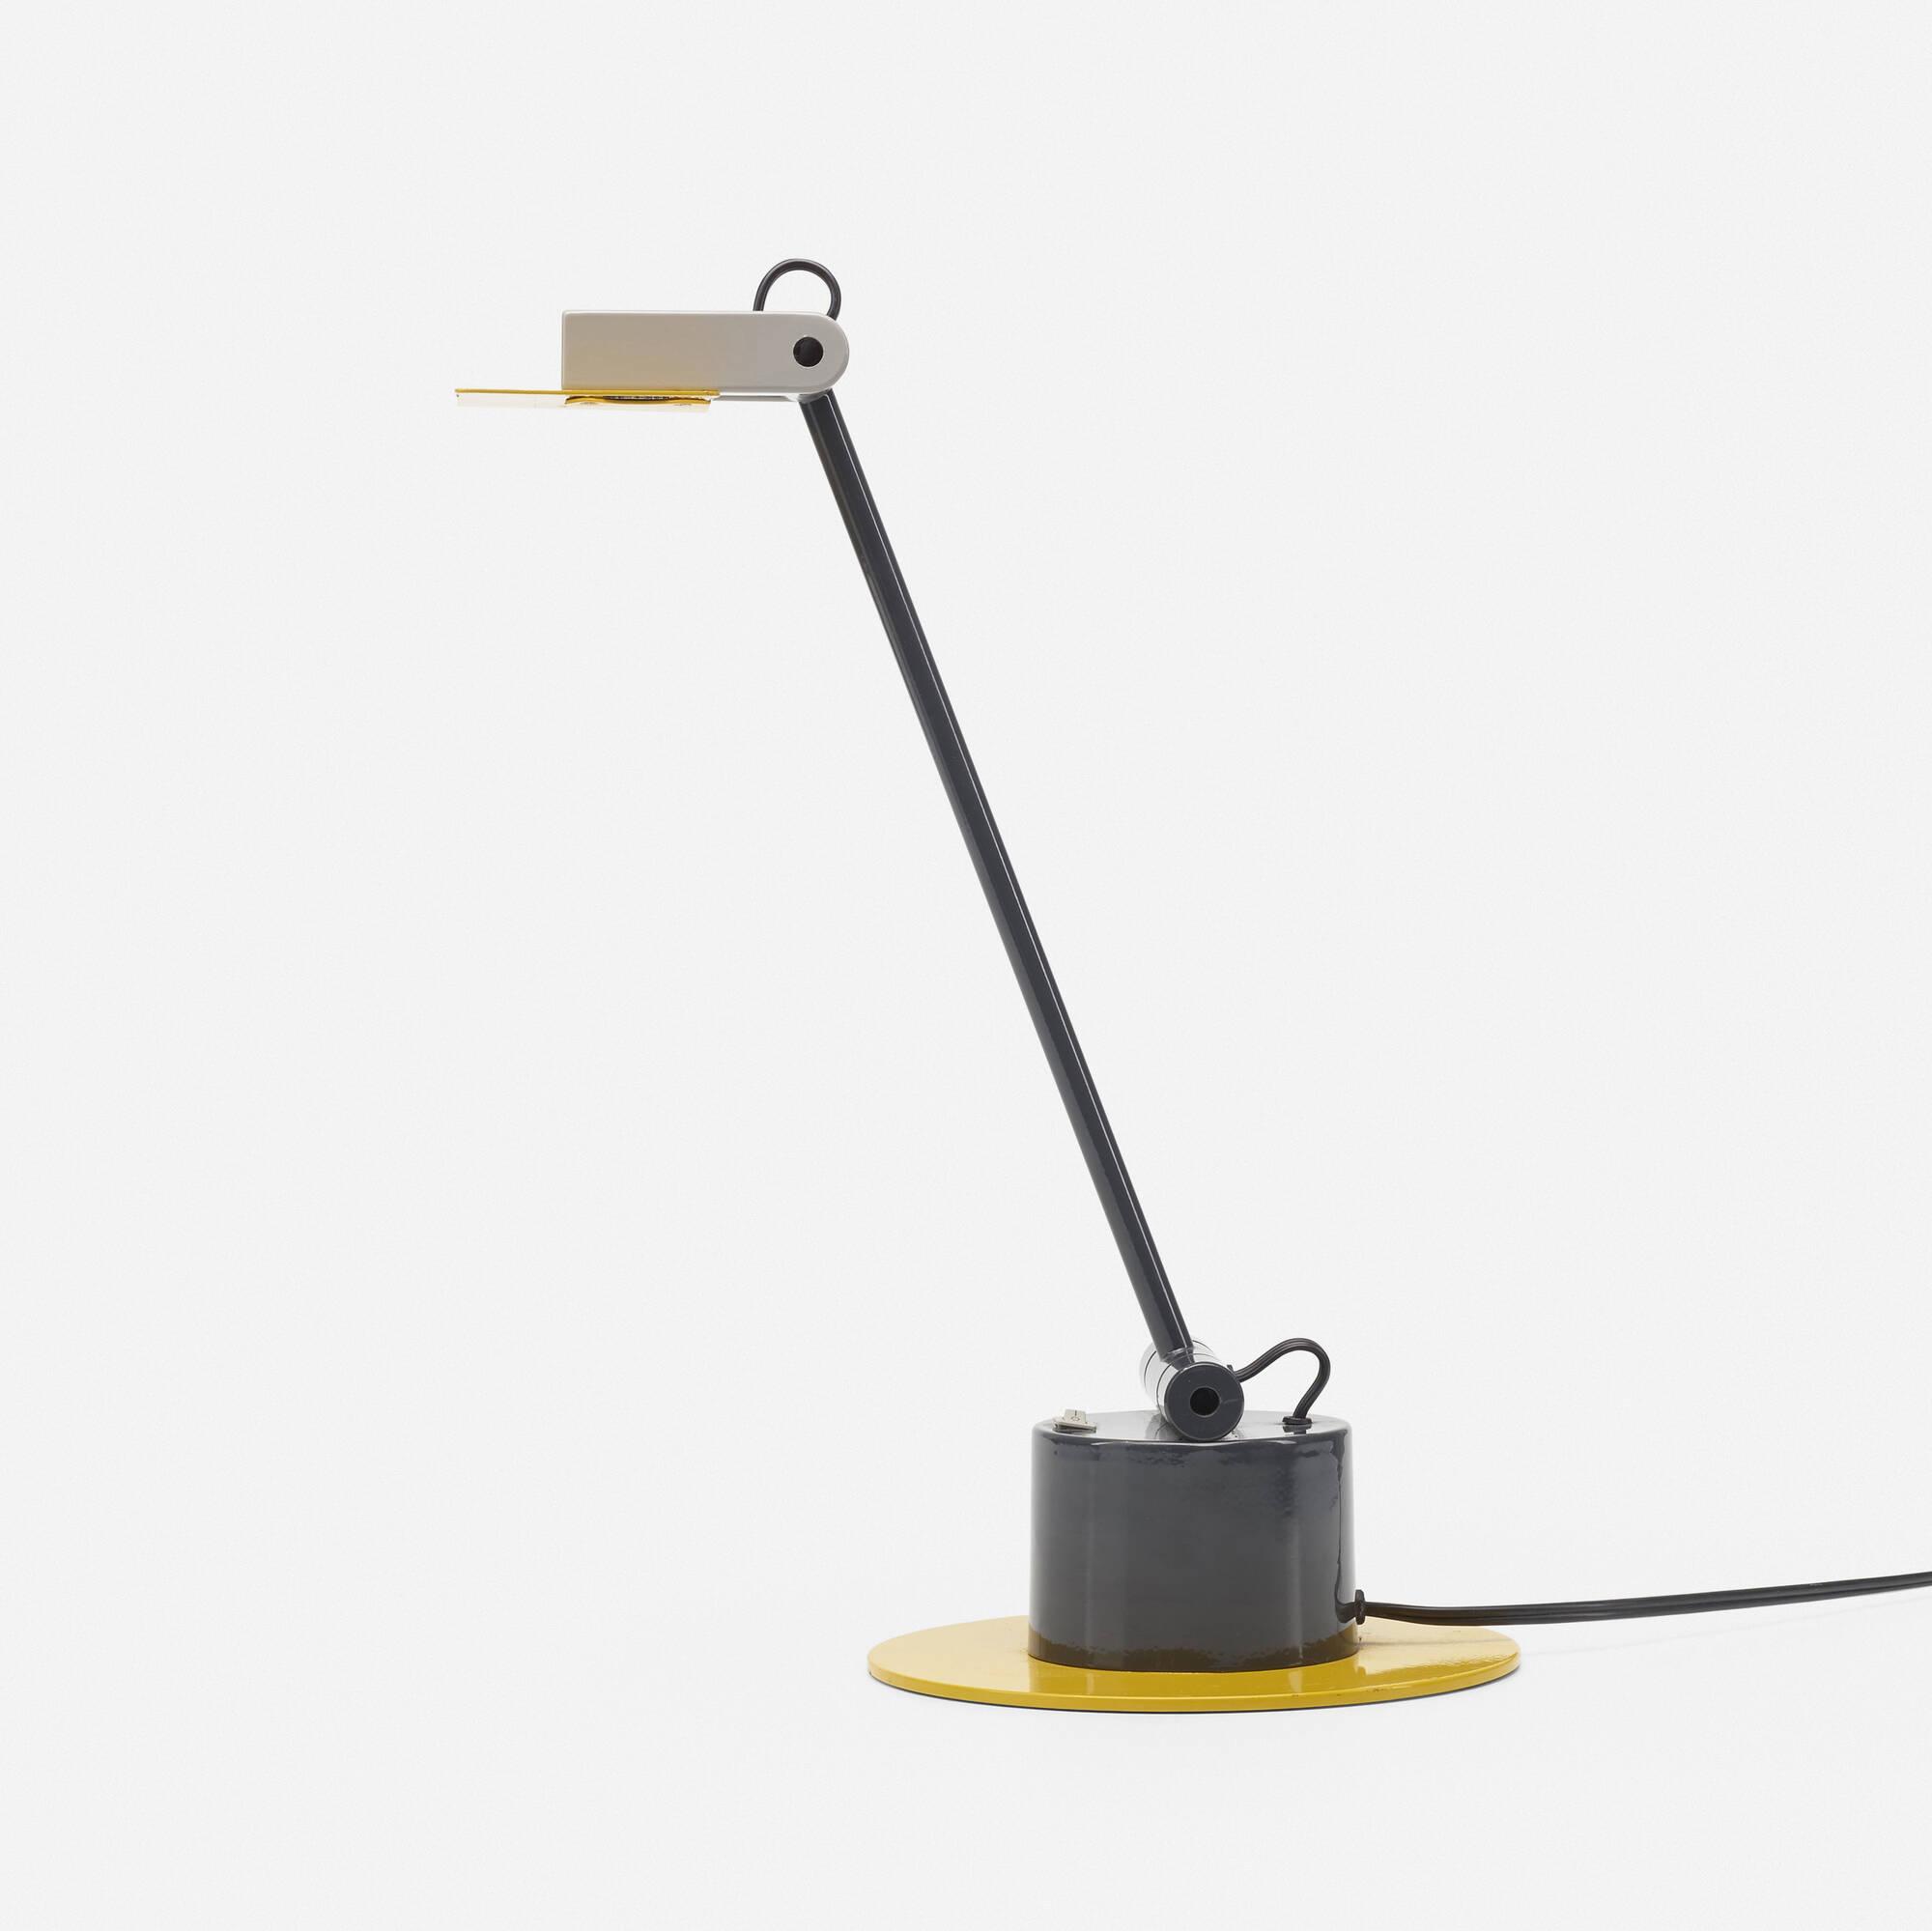 736: Ettore Sottsass / Aero table lamp (1 of 2)